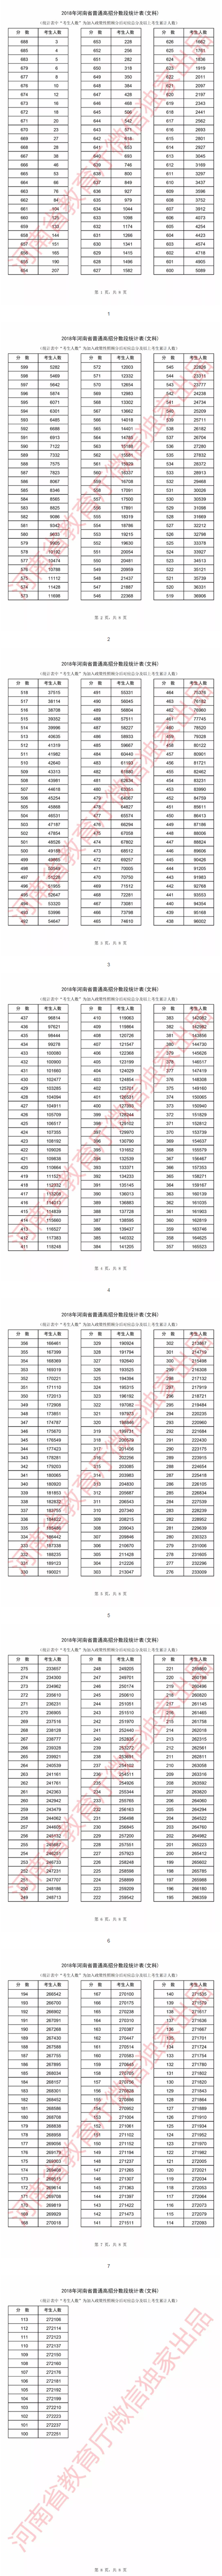 河南2018年高考成绩一分一段表!